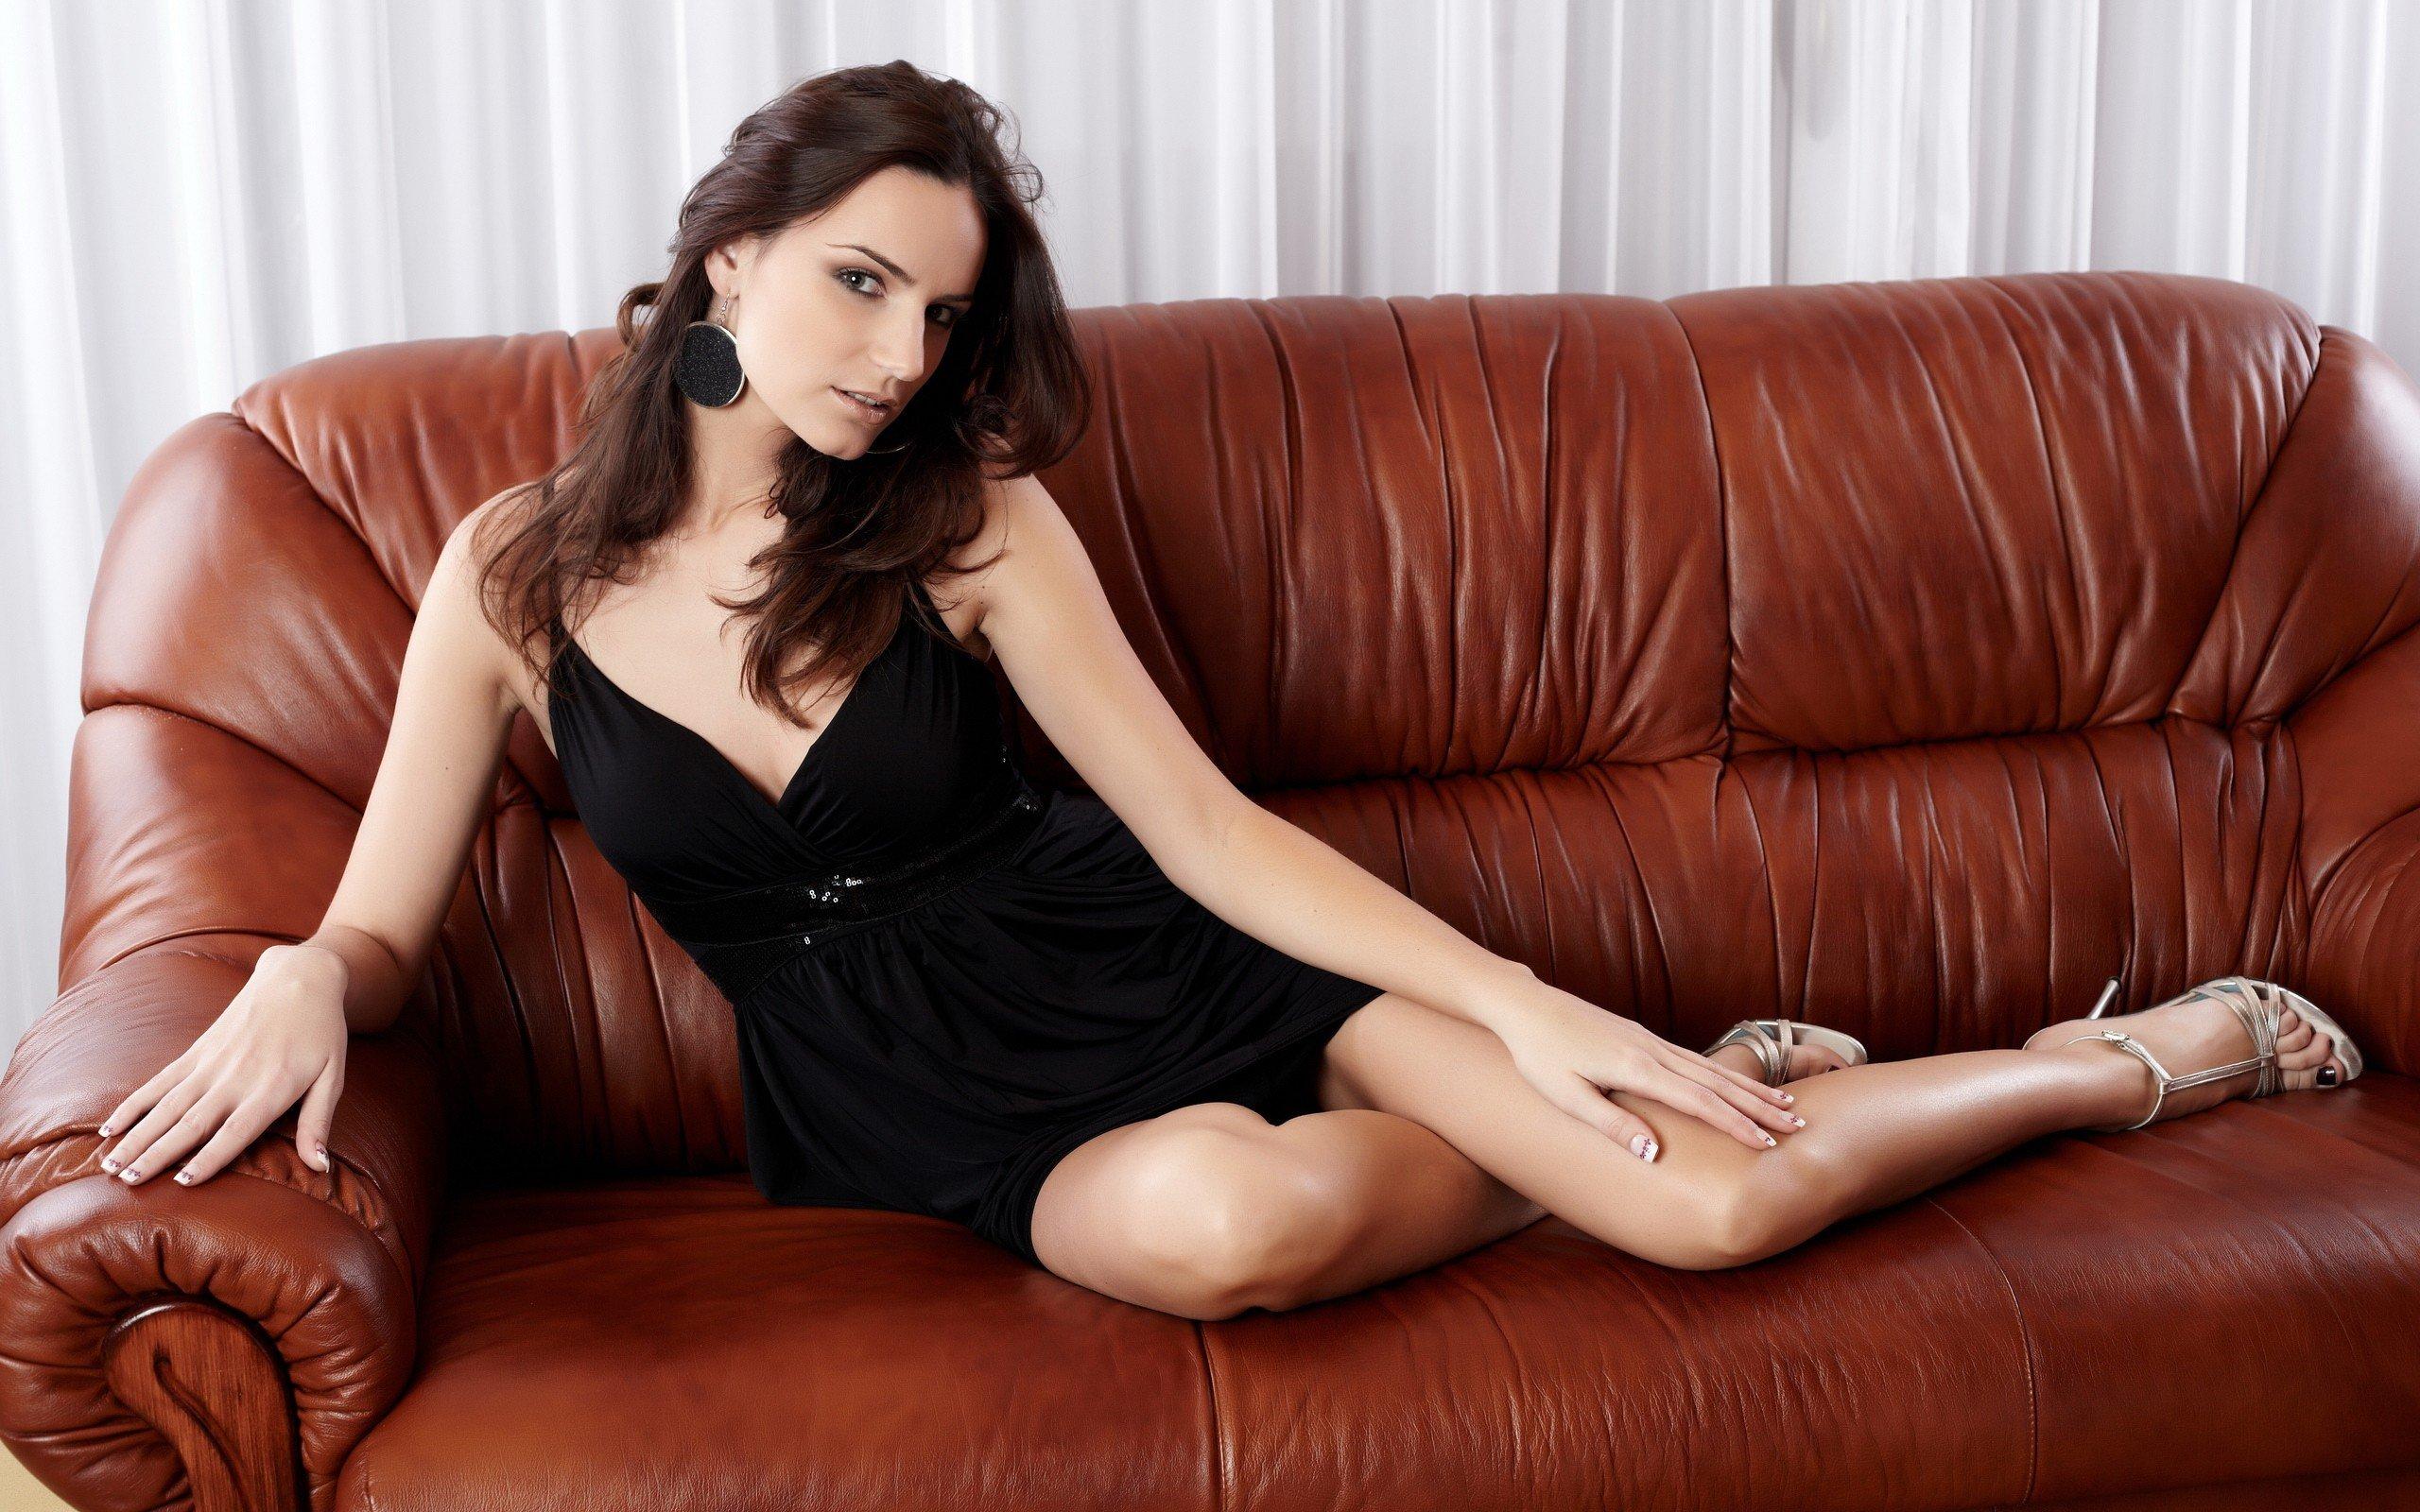 Women, Dress, Black Dress, Brunette, Legs, High Heels Hd Wallpapers  Desktop And -8488